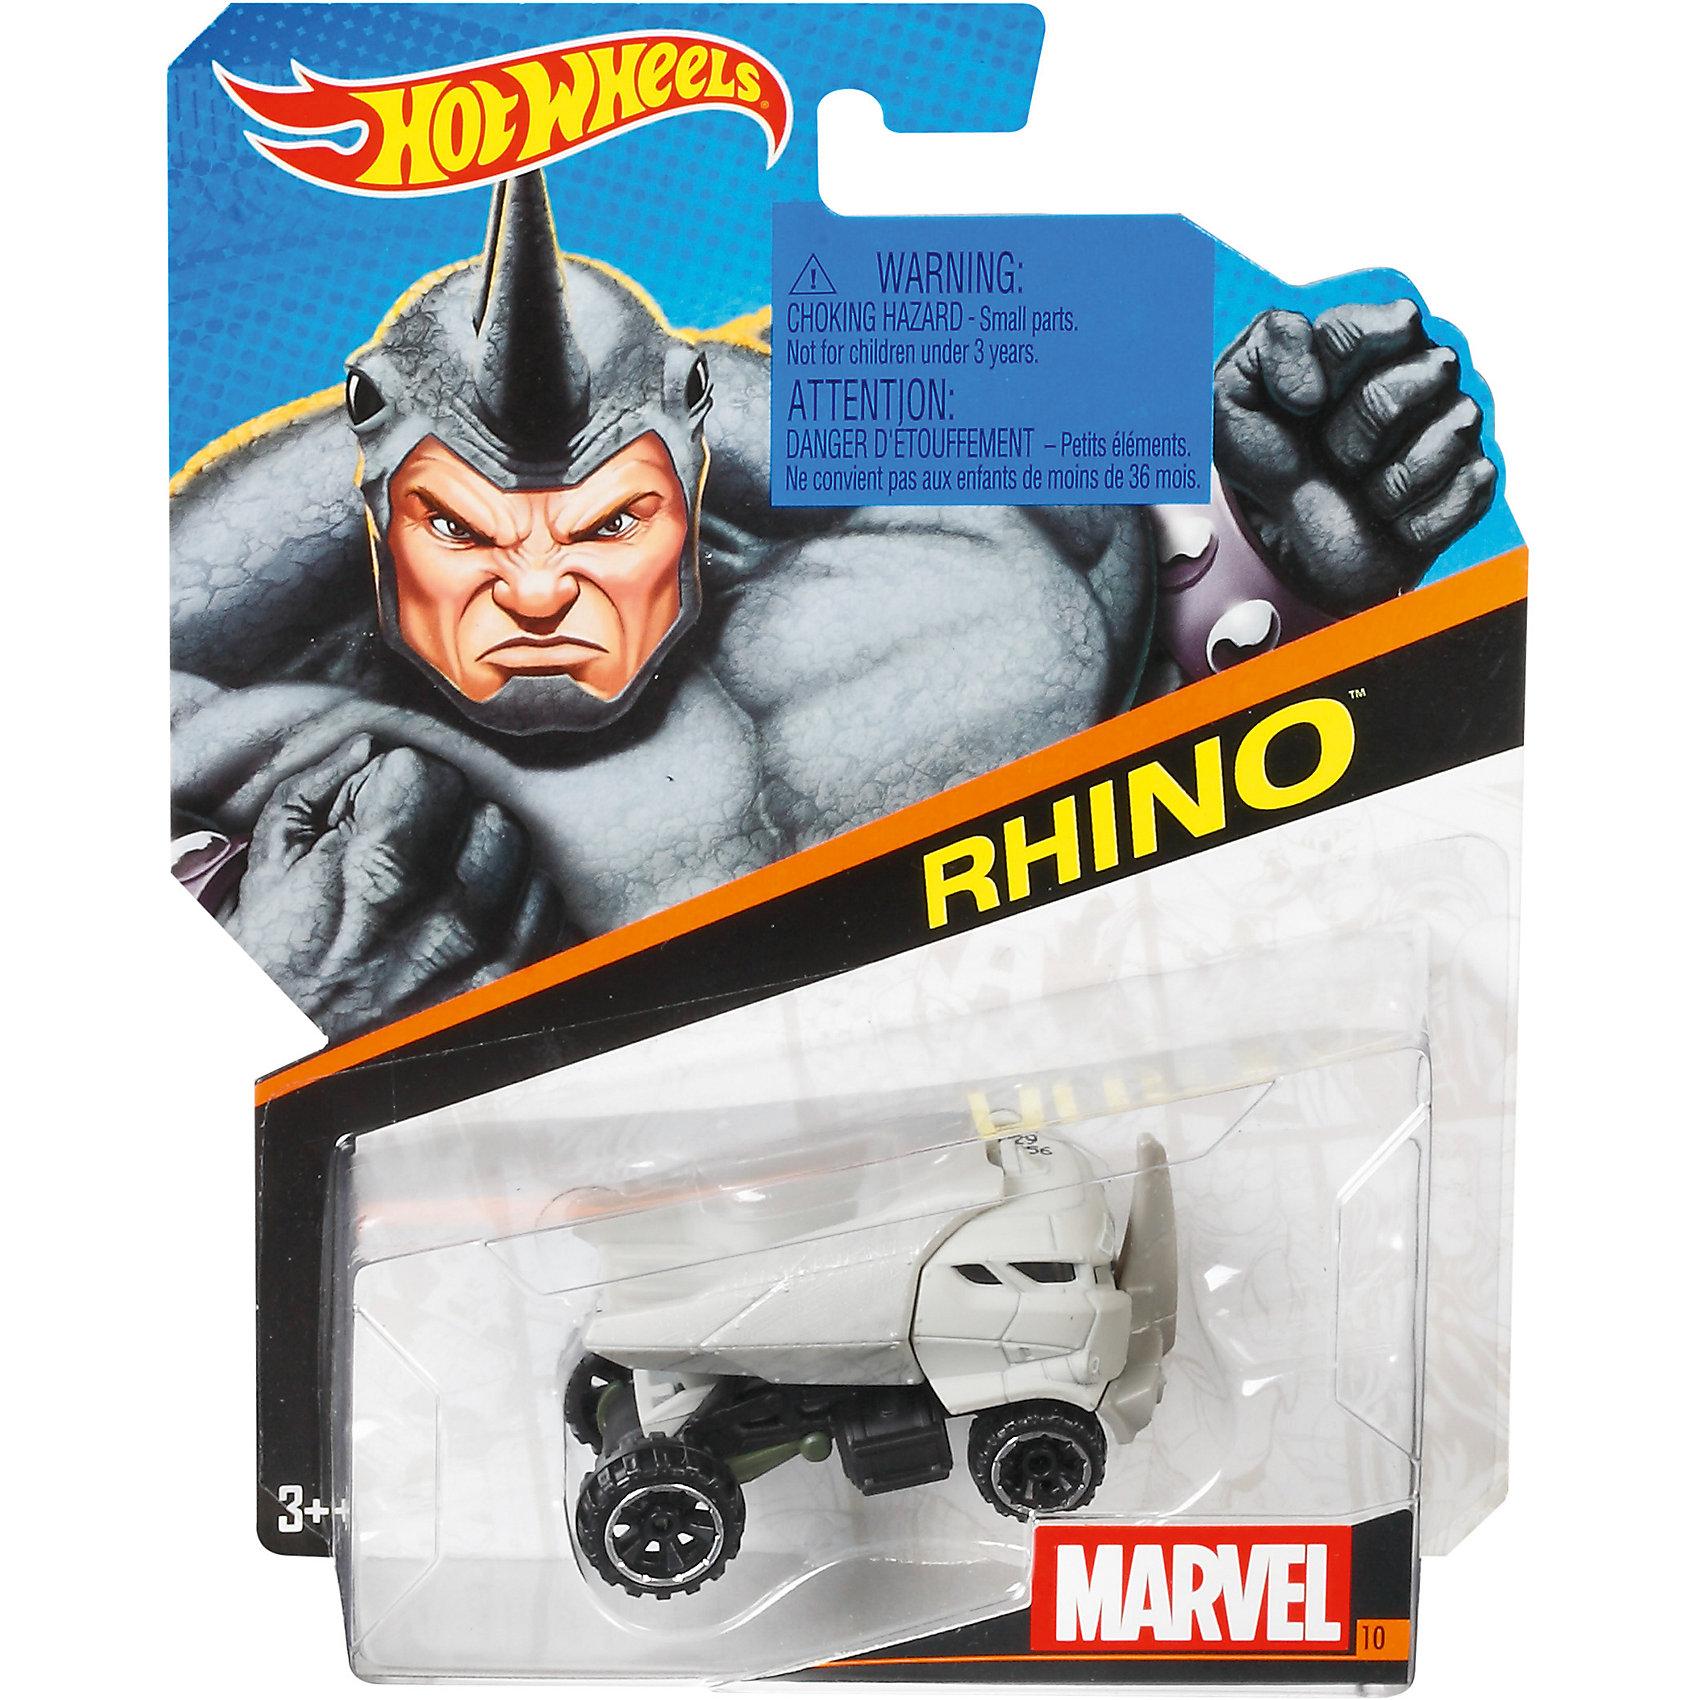 Машинка героев Marvel, Hot WheelsОтличный подарок для любителей комиксов Marvel про супергероев - машинки от Hot Wheels. В каждой машинке можно легко узнать прототип. Из машинок в масштабе 1:64 можно собрать коллекцию!<br> Игрушка выполнена так, что с виду она кажется точной копией настоящей машины супергероя благодаря внимательному отношению к деталям. <br>Игрушка имеет такой размер, при котором ребенку удобно держать её в руках, а также брать с собой в гости или на прогулку. Такие игрушки помогают развить мелкую моторику, логическое мышление и воображение ребенка. Эта игрушка выполнена из высококачественного прочного пластика, безопасного для детей.<br>  <br>Дополнительная информация:<br><br>масштаб: 1:64; <br>цвет: разноцветный;<br>материал: пластик.<br><br>Машинки героев Marvel, Hot Wheels (Хот Вилс) от компании Mattel можно купить в нашем магазине.<br><br>Ширина мм: 145<br>Глубина мм: 50<br>Высота мм: 170<br>Вес г: 54<br>Возраст от месяцев: 36<br>Возраст до месяцев: 84<br>Пол: Мужской<br>Возраст: Детский<br>SKU: 4791108